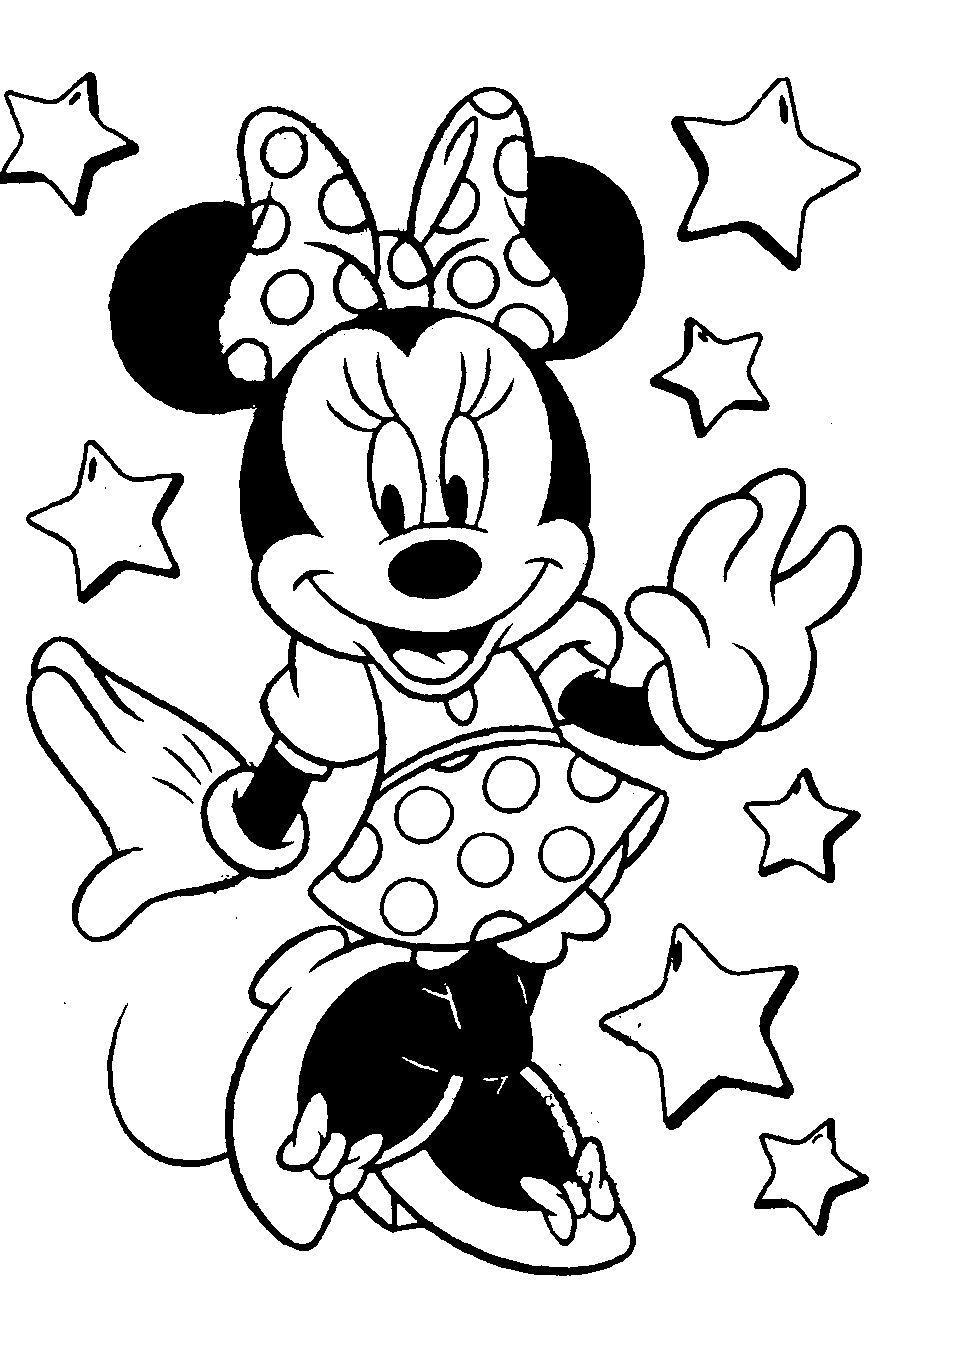 ダウンロードできるディズニーのミッキー・ミニーのぬりえです。 画像を